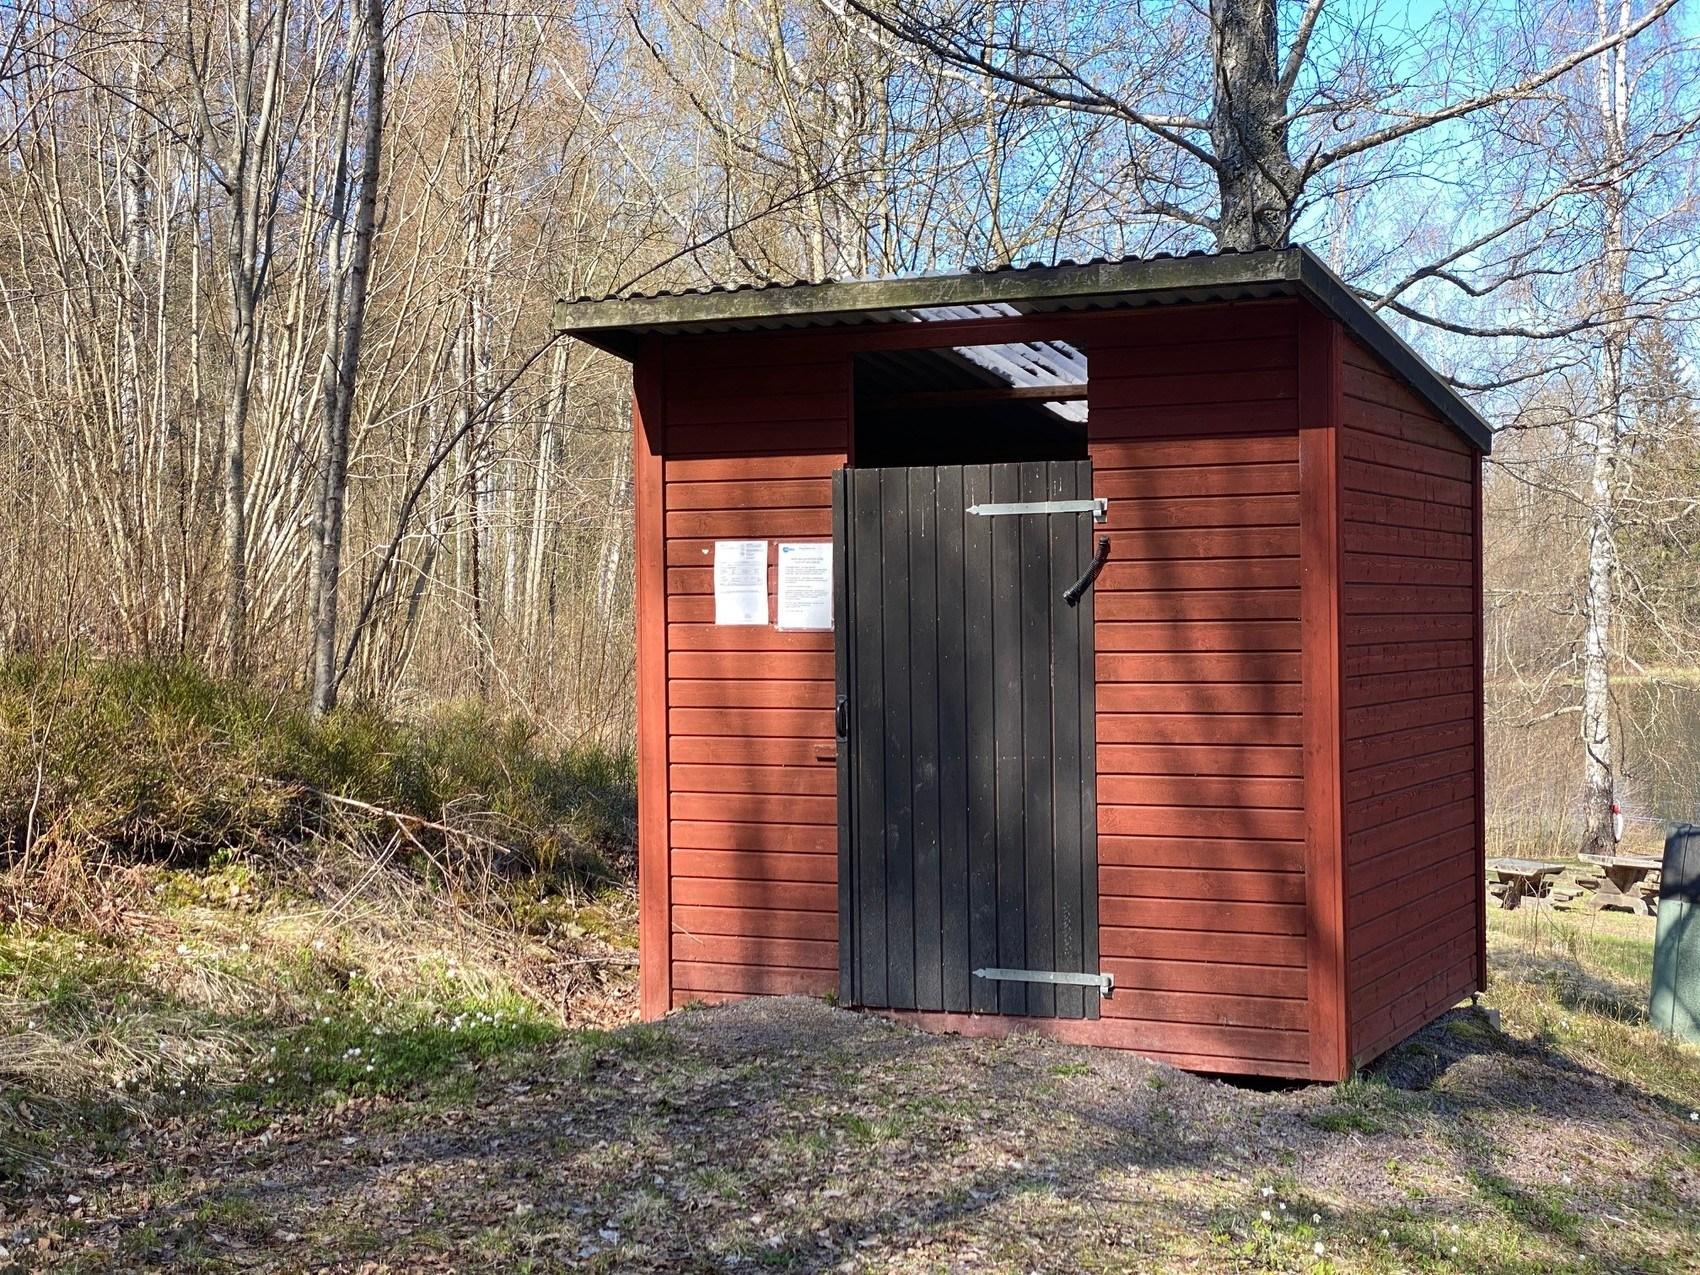 Röd liten byggnad med svart dörr